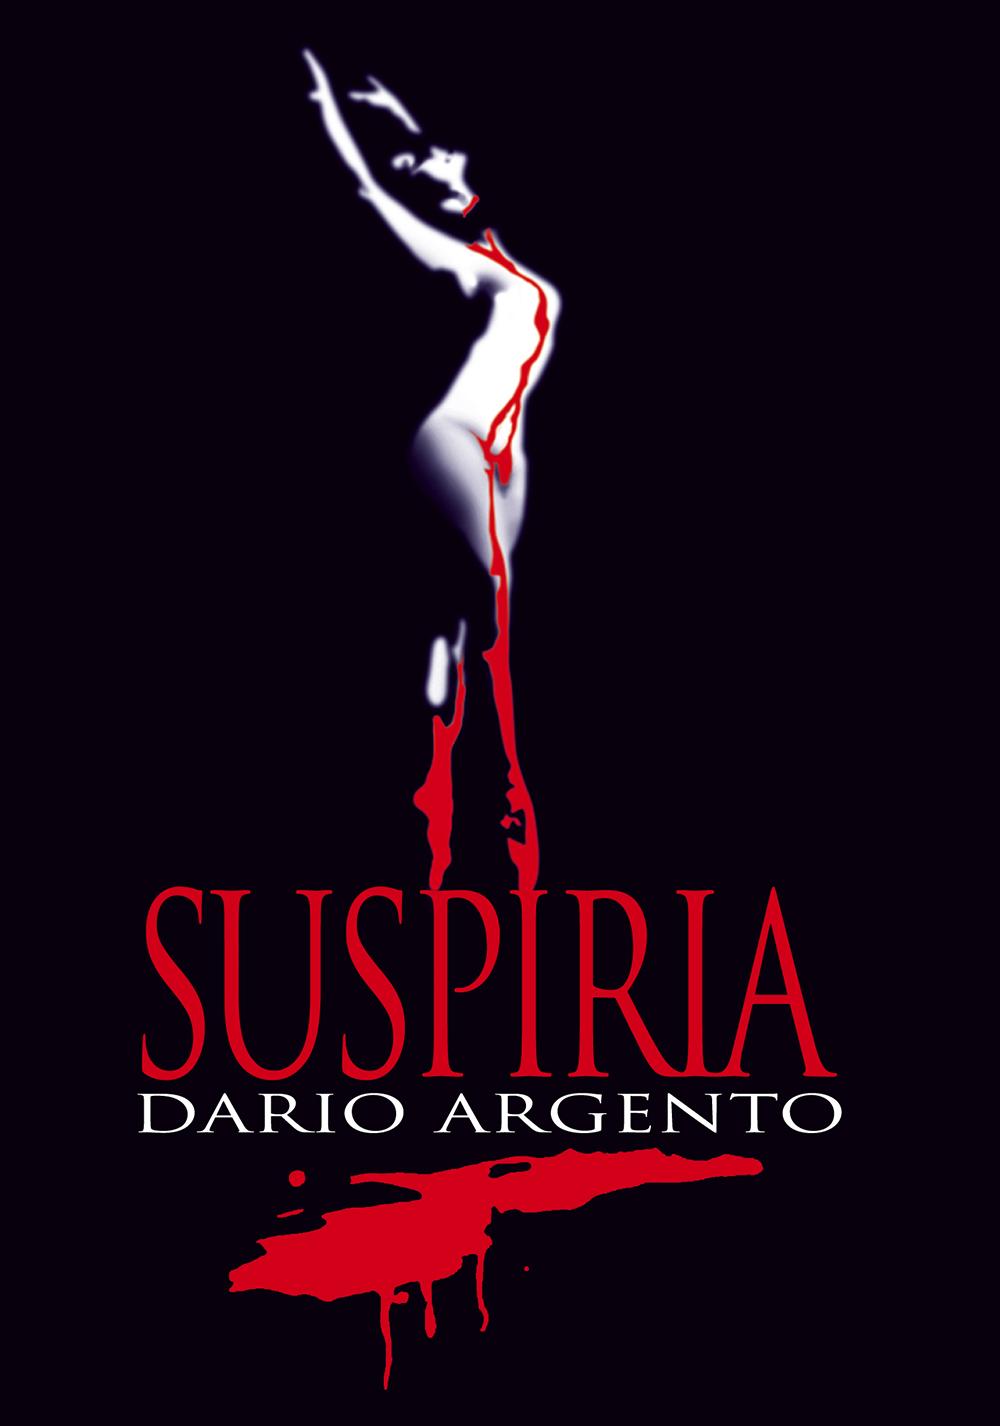 نقد فیلم سوسپیریا - Suspiria با بازی تیلدا سوئینتن